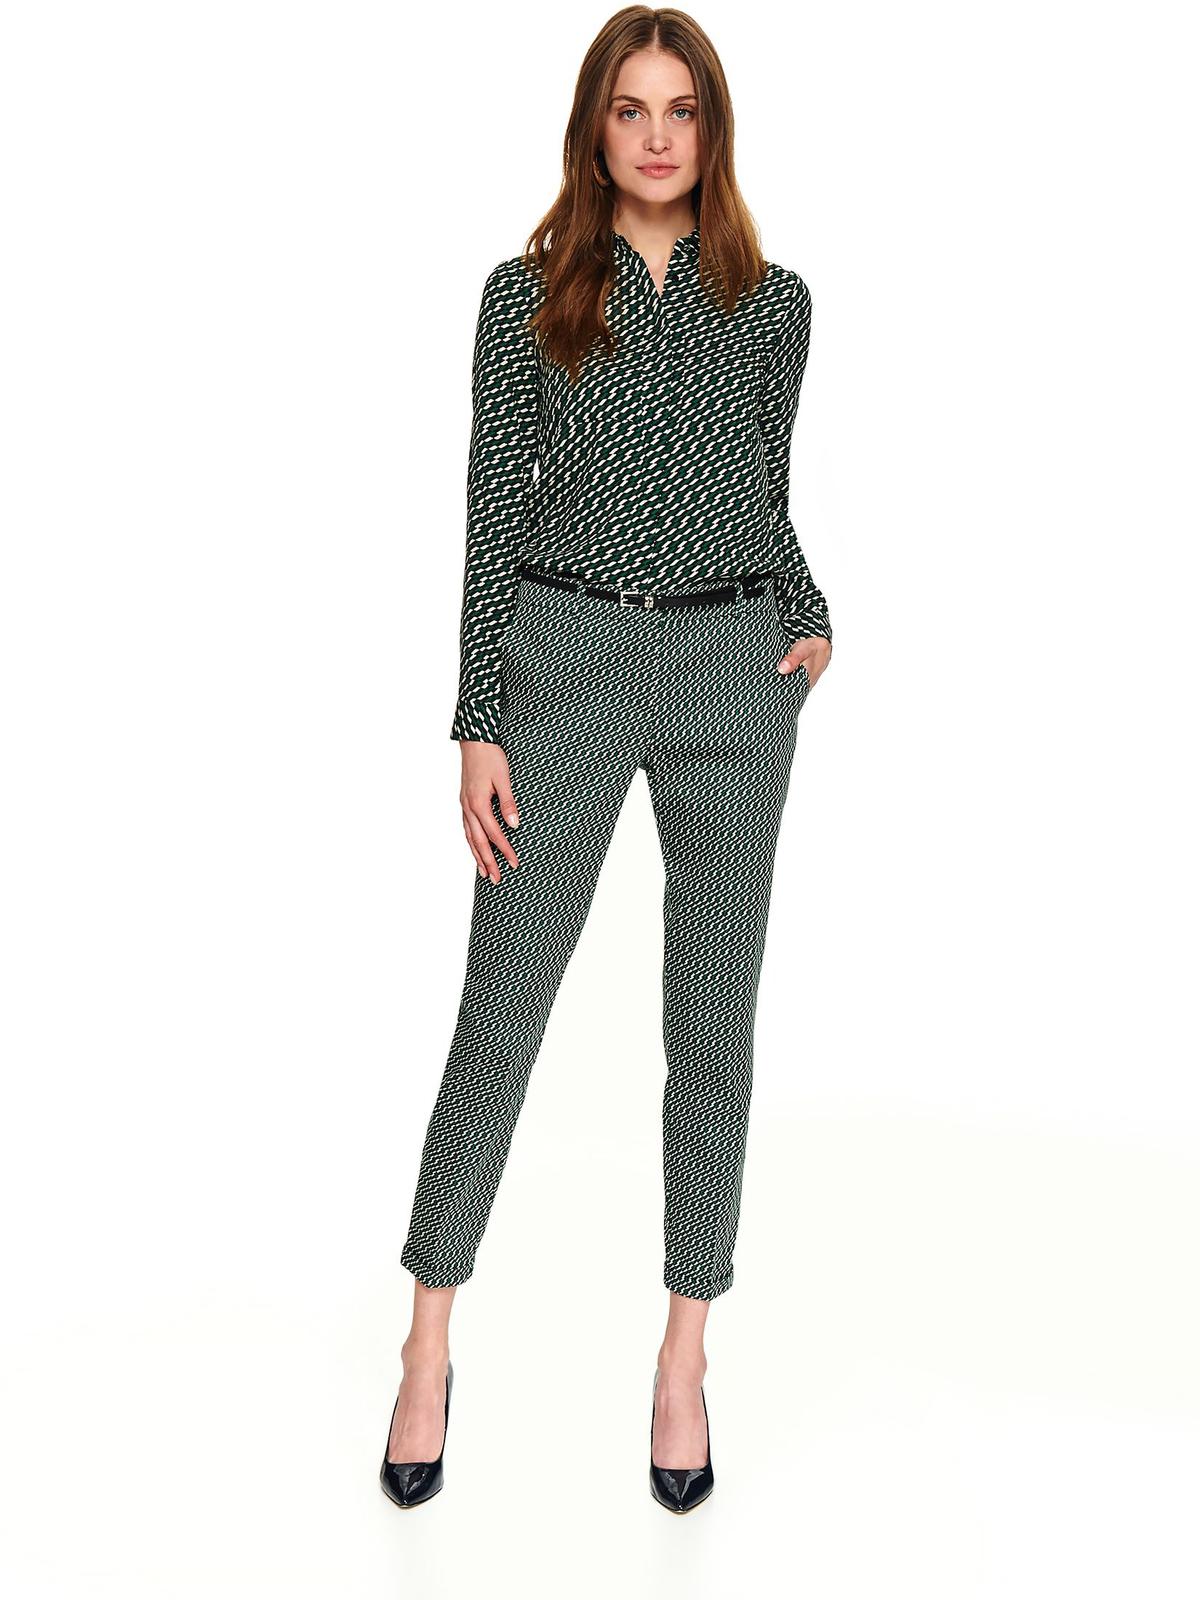 Camasa dama Top Secret verde-inchis scurta casual cu croi larg cu maneci lungi si imprimeuri grafice